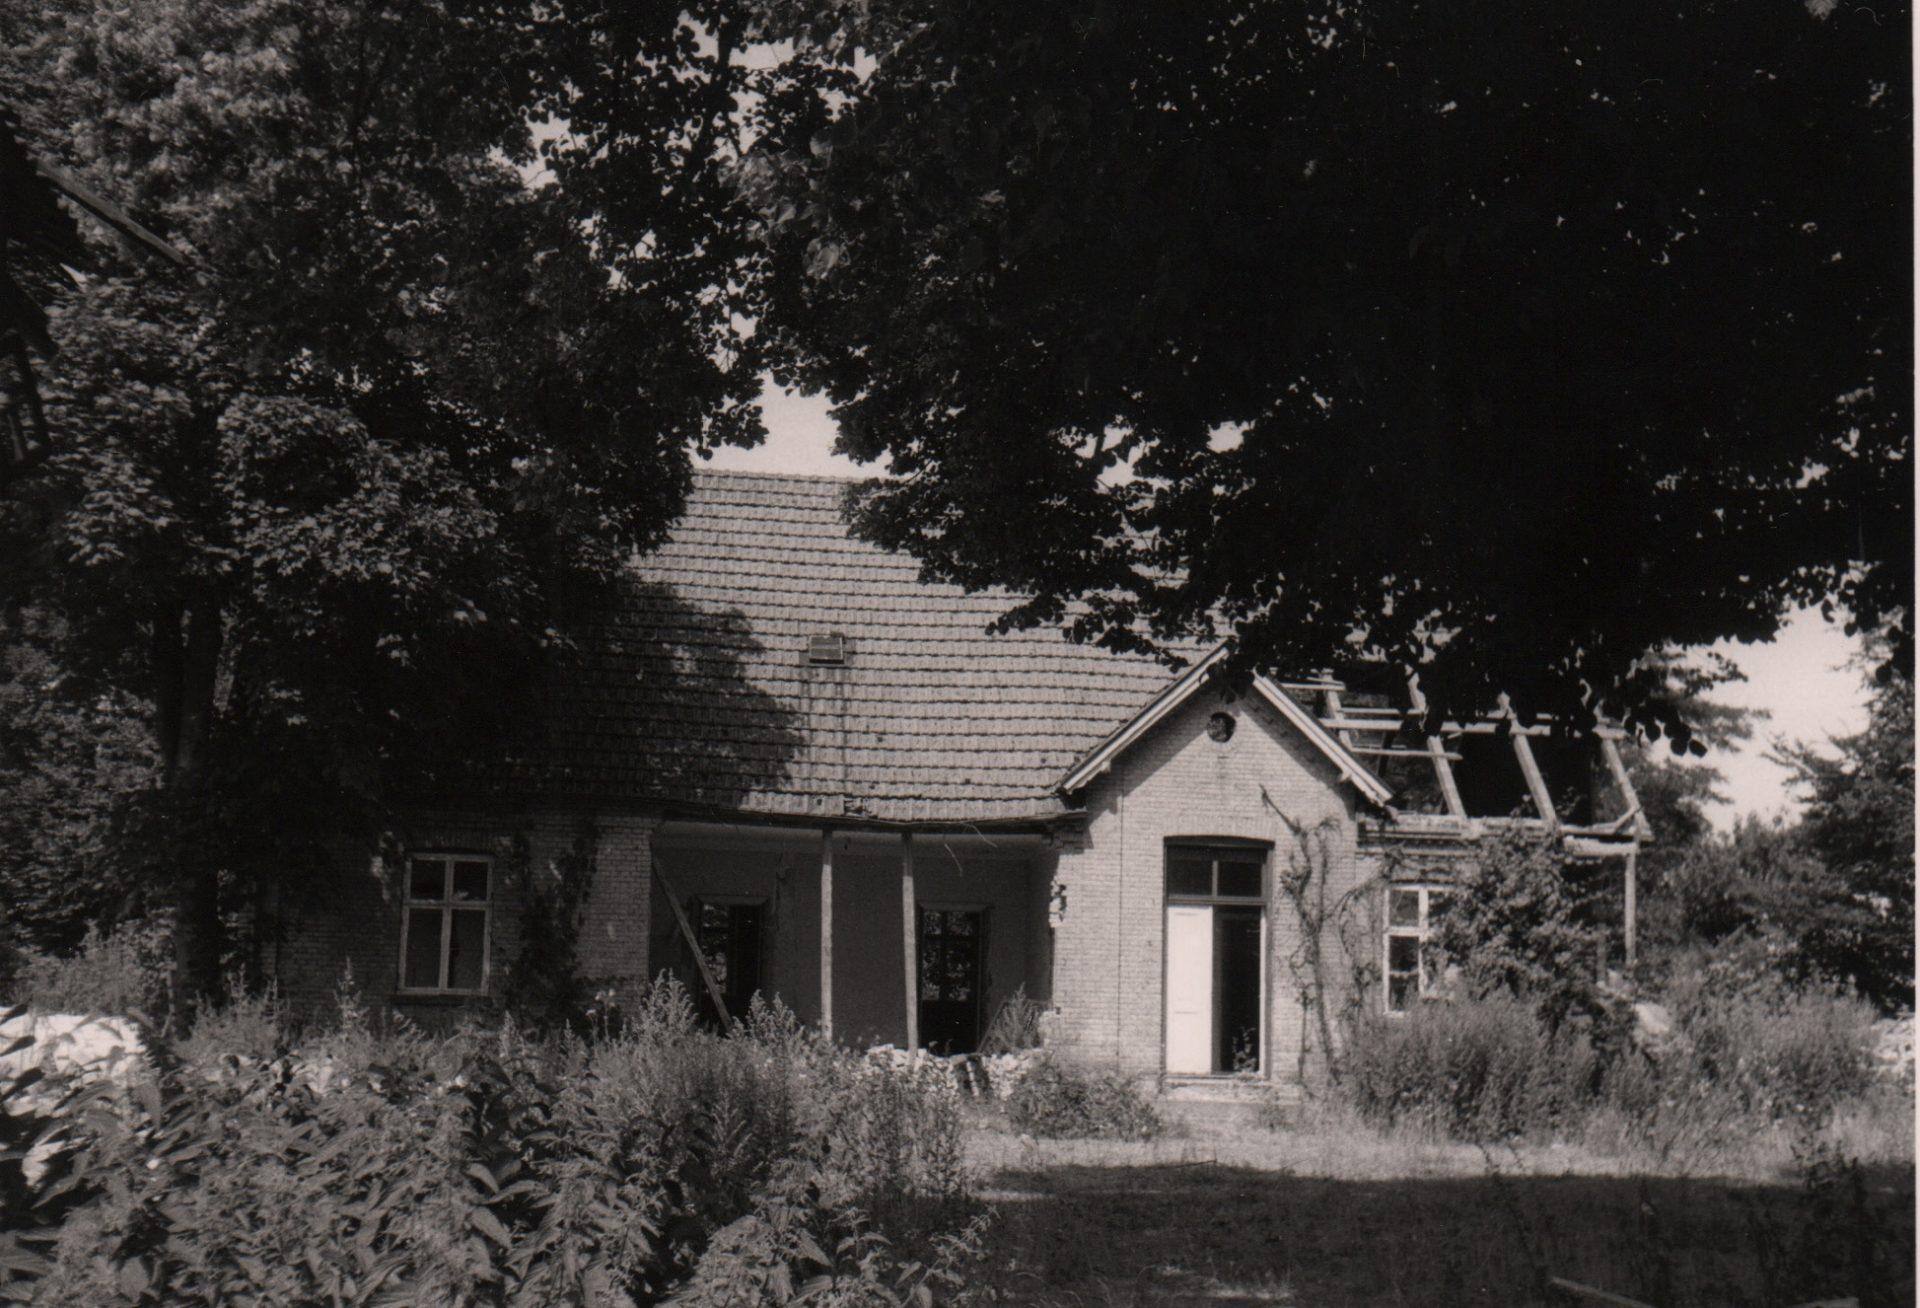 Præstegården blev nedrevet af Gørlev Kommune i 1983